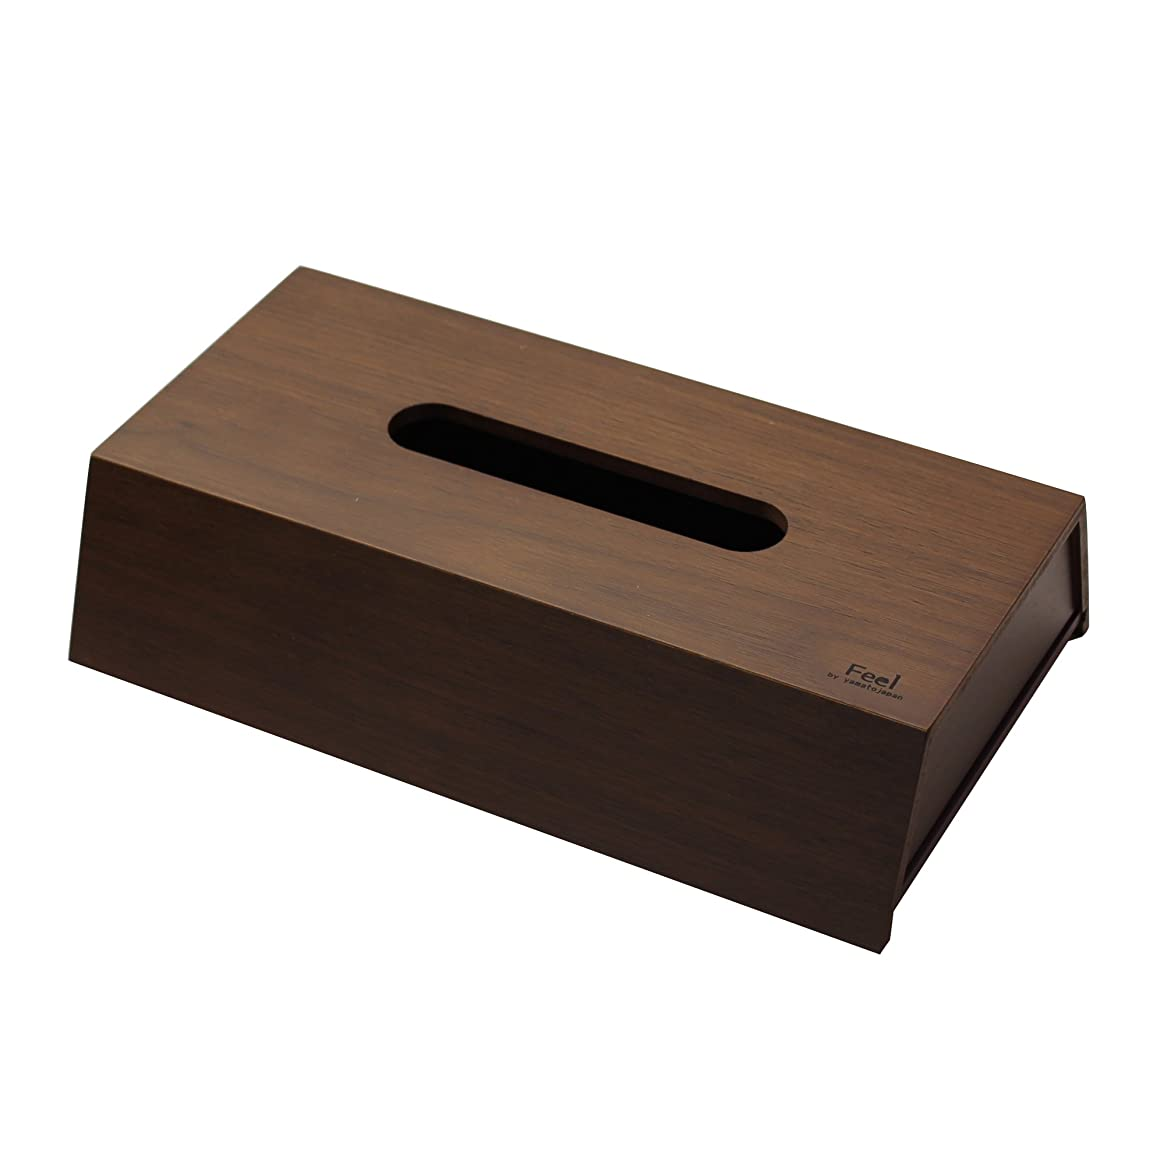 ポーターネコスコアヤマト工芸 ティッシュケース 「choco block」 パープル YK12-002